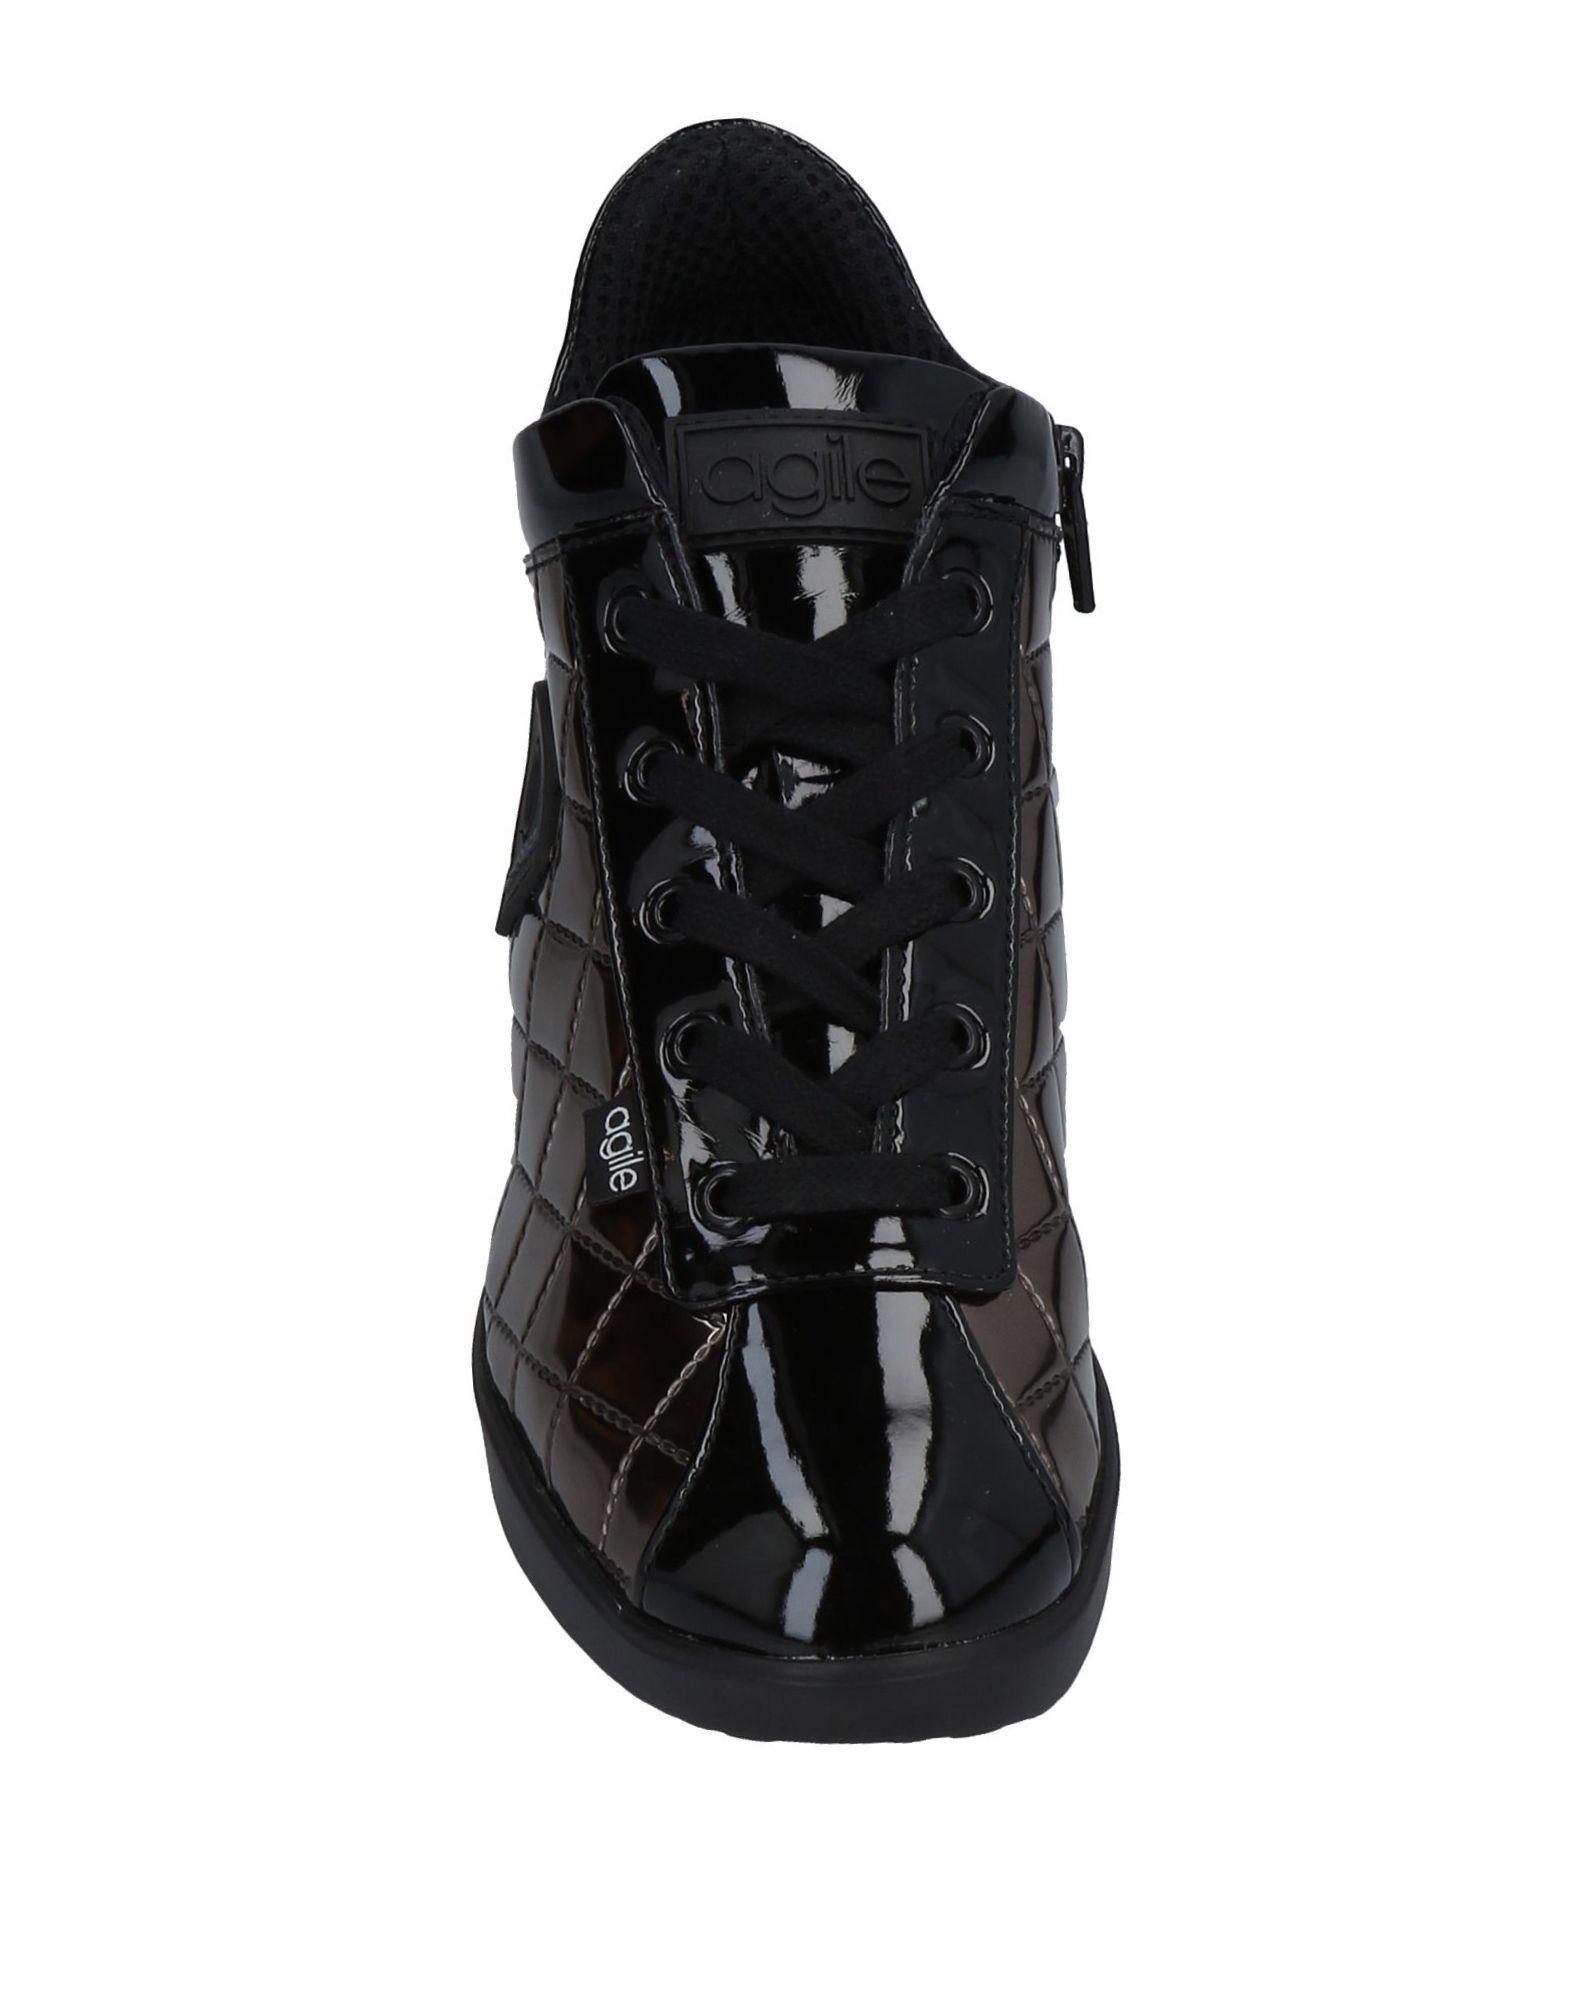 Agile Damen By Rucoline Sneakers Damen Agile  11496755XU Neue Schuhe 439c1a